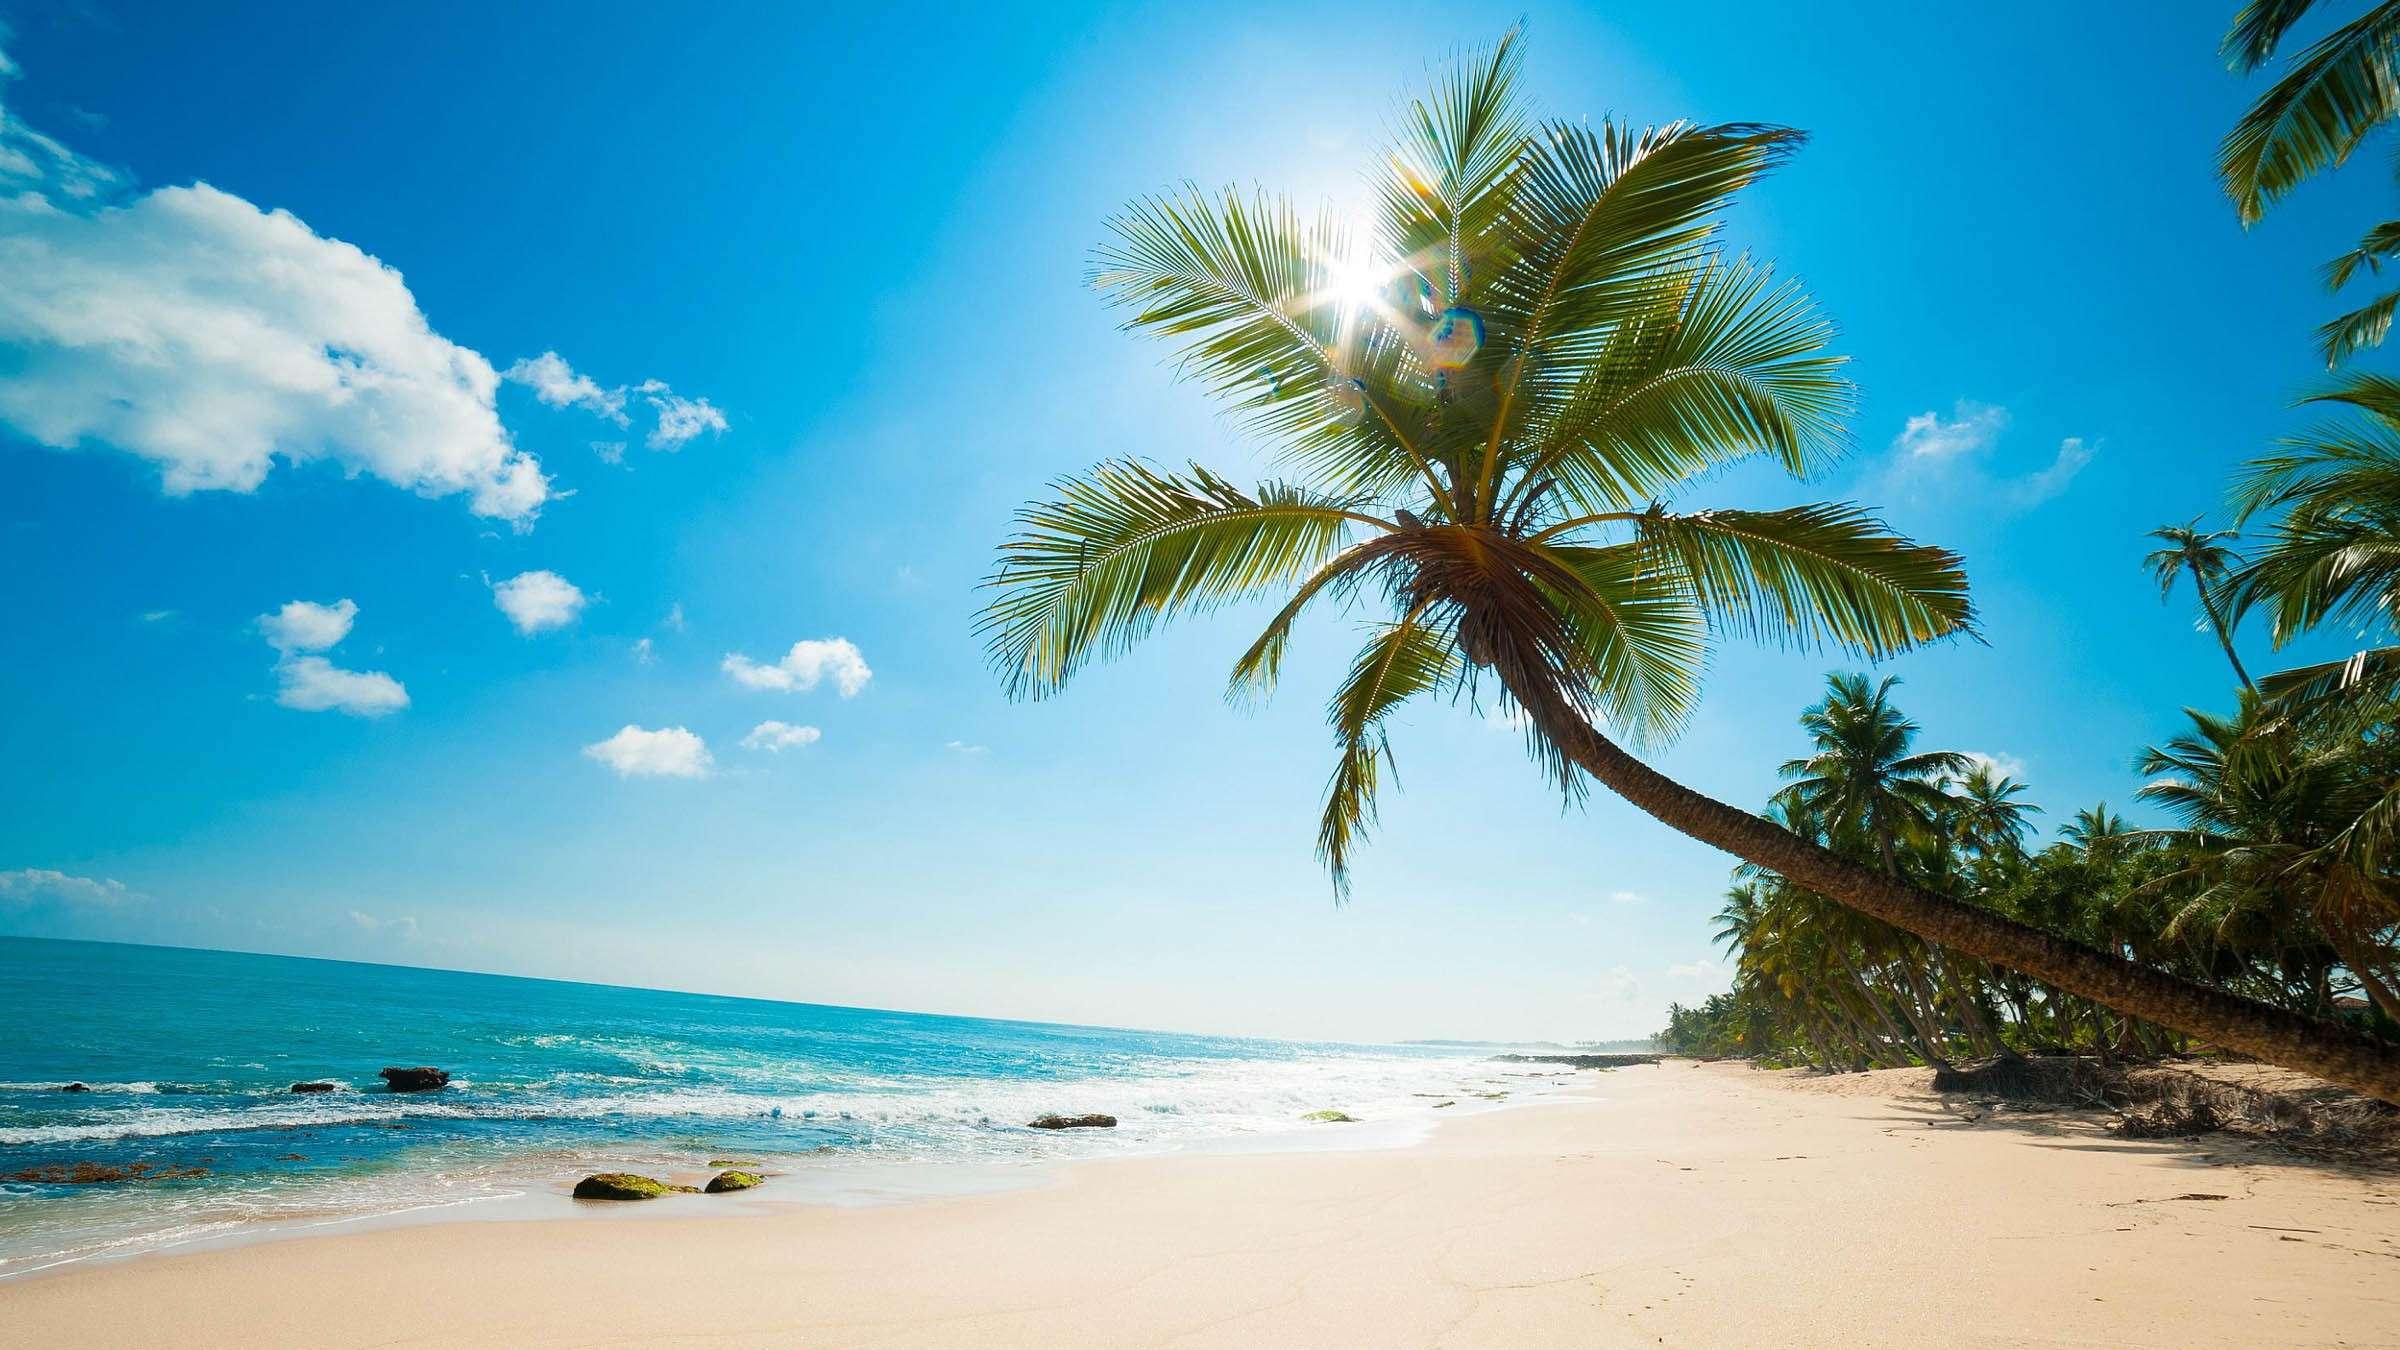 Cẩm nang du lịch phú quốc rất cần thiết khi tới hòn đảo xinh đẹp này